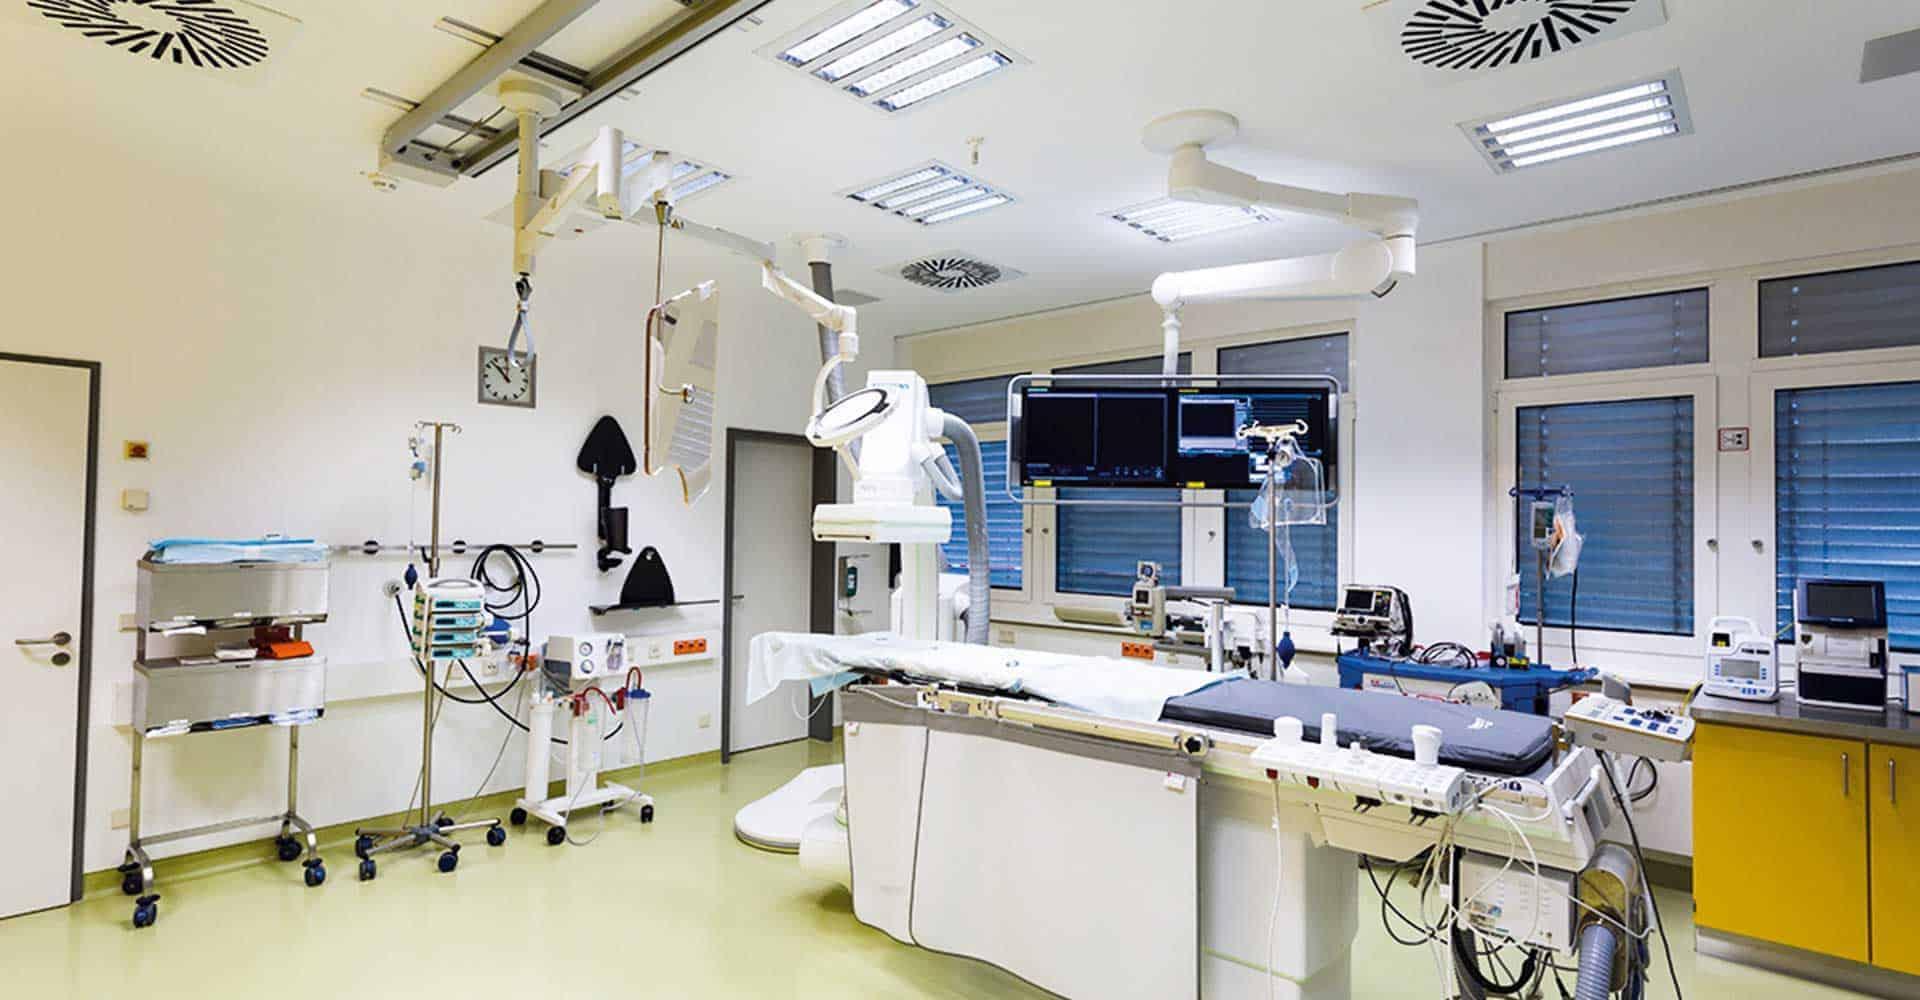 Herzzentrum Dresden GmbH, Universitätsklinik, Planung, Bau, Herzkatheterlabor, Roentgen, Medizin, Referenz, Technischen Universität, SIEMENS, 100 qm, Architektur, GU-Leistung, Handwerk, Maler, Boden, Trockenbau, Dresden